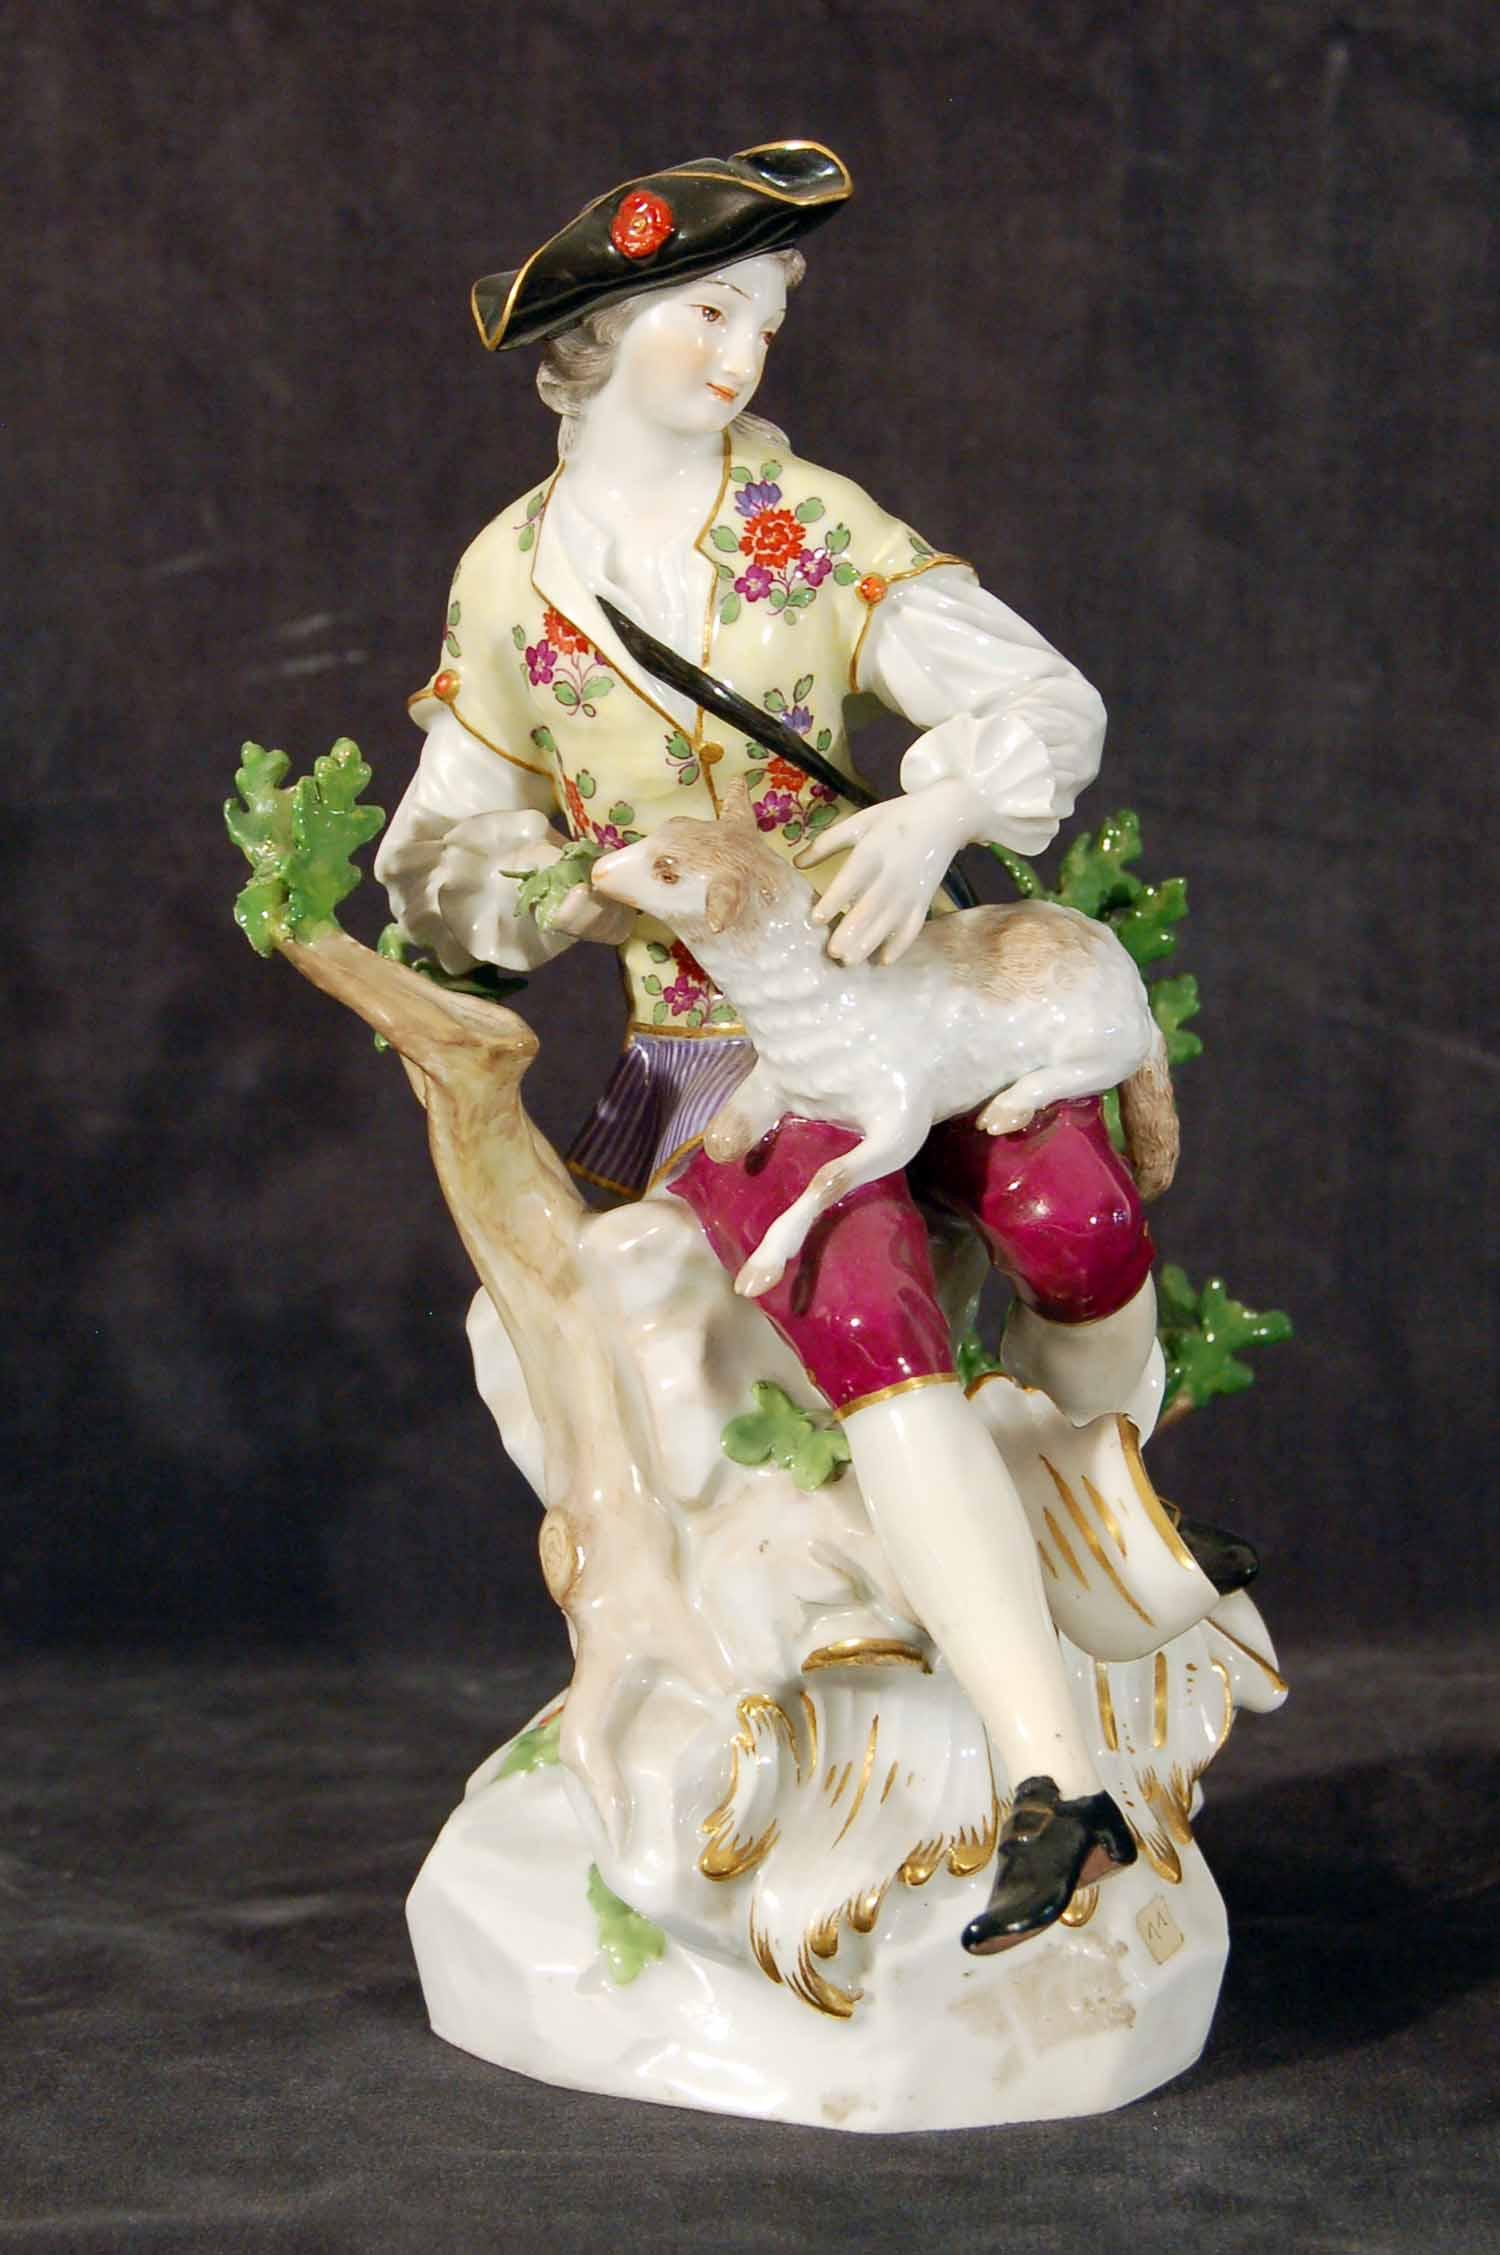 """Porzellangruppe """"Schäfer"""", Schwertmarke für Meißen, bunt stoffiert, einzelne Blätter beschädigt, 19. Jh. H: 22cm"""